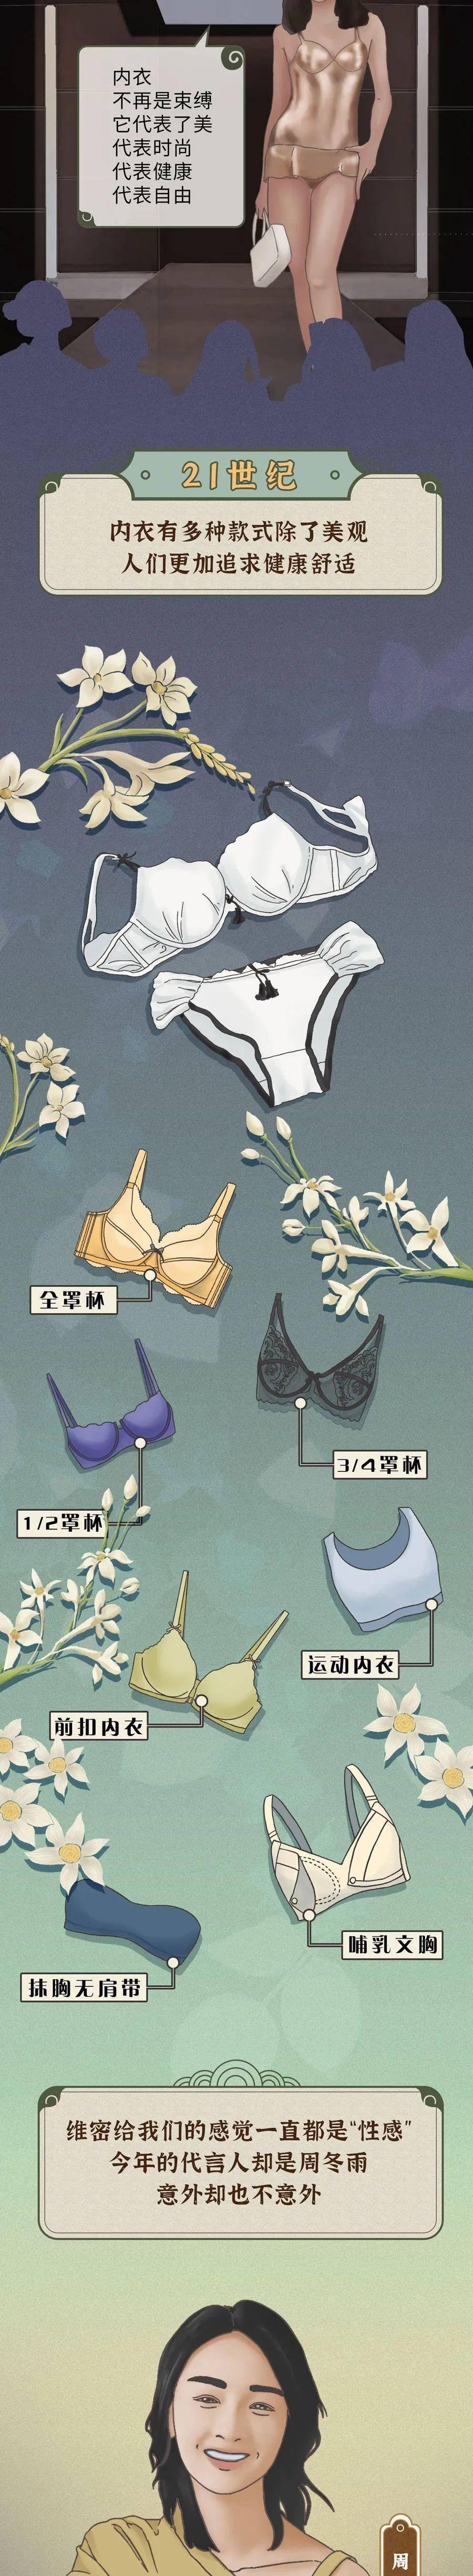 一张插画告诉你:古今中外女子内衣进化史